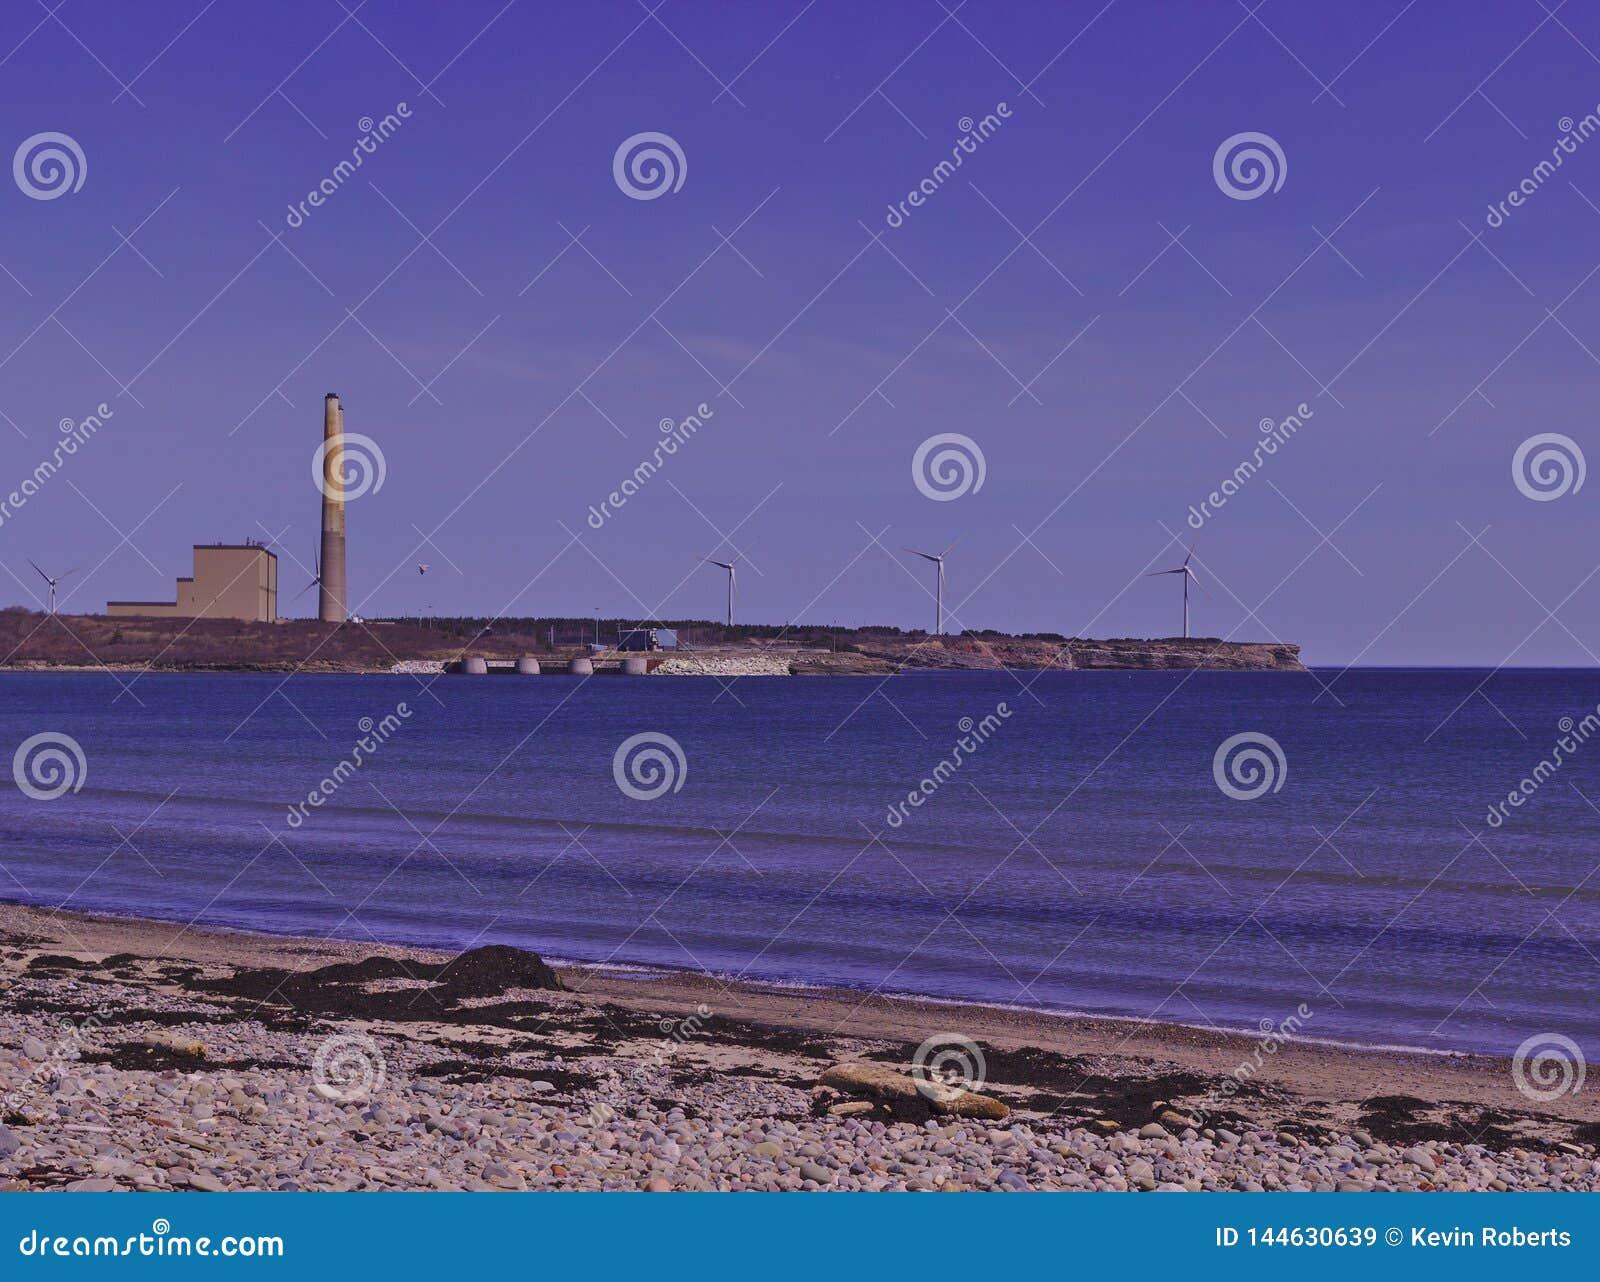 Άποψη παραλιών των με κάρβουνο εγκαταστάσεων παραγωγής ενέργειας και των ανεμοστροβίλων 3510